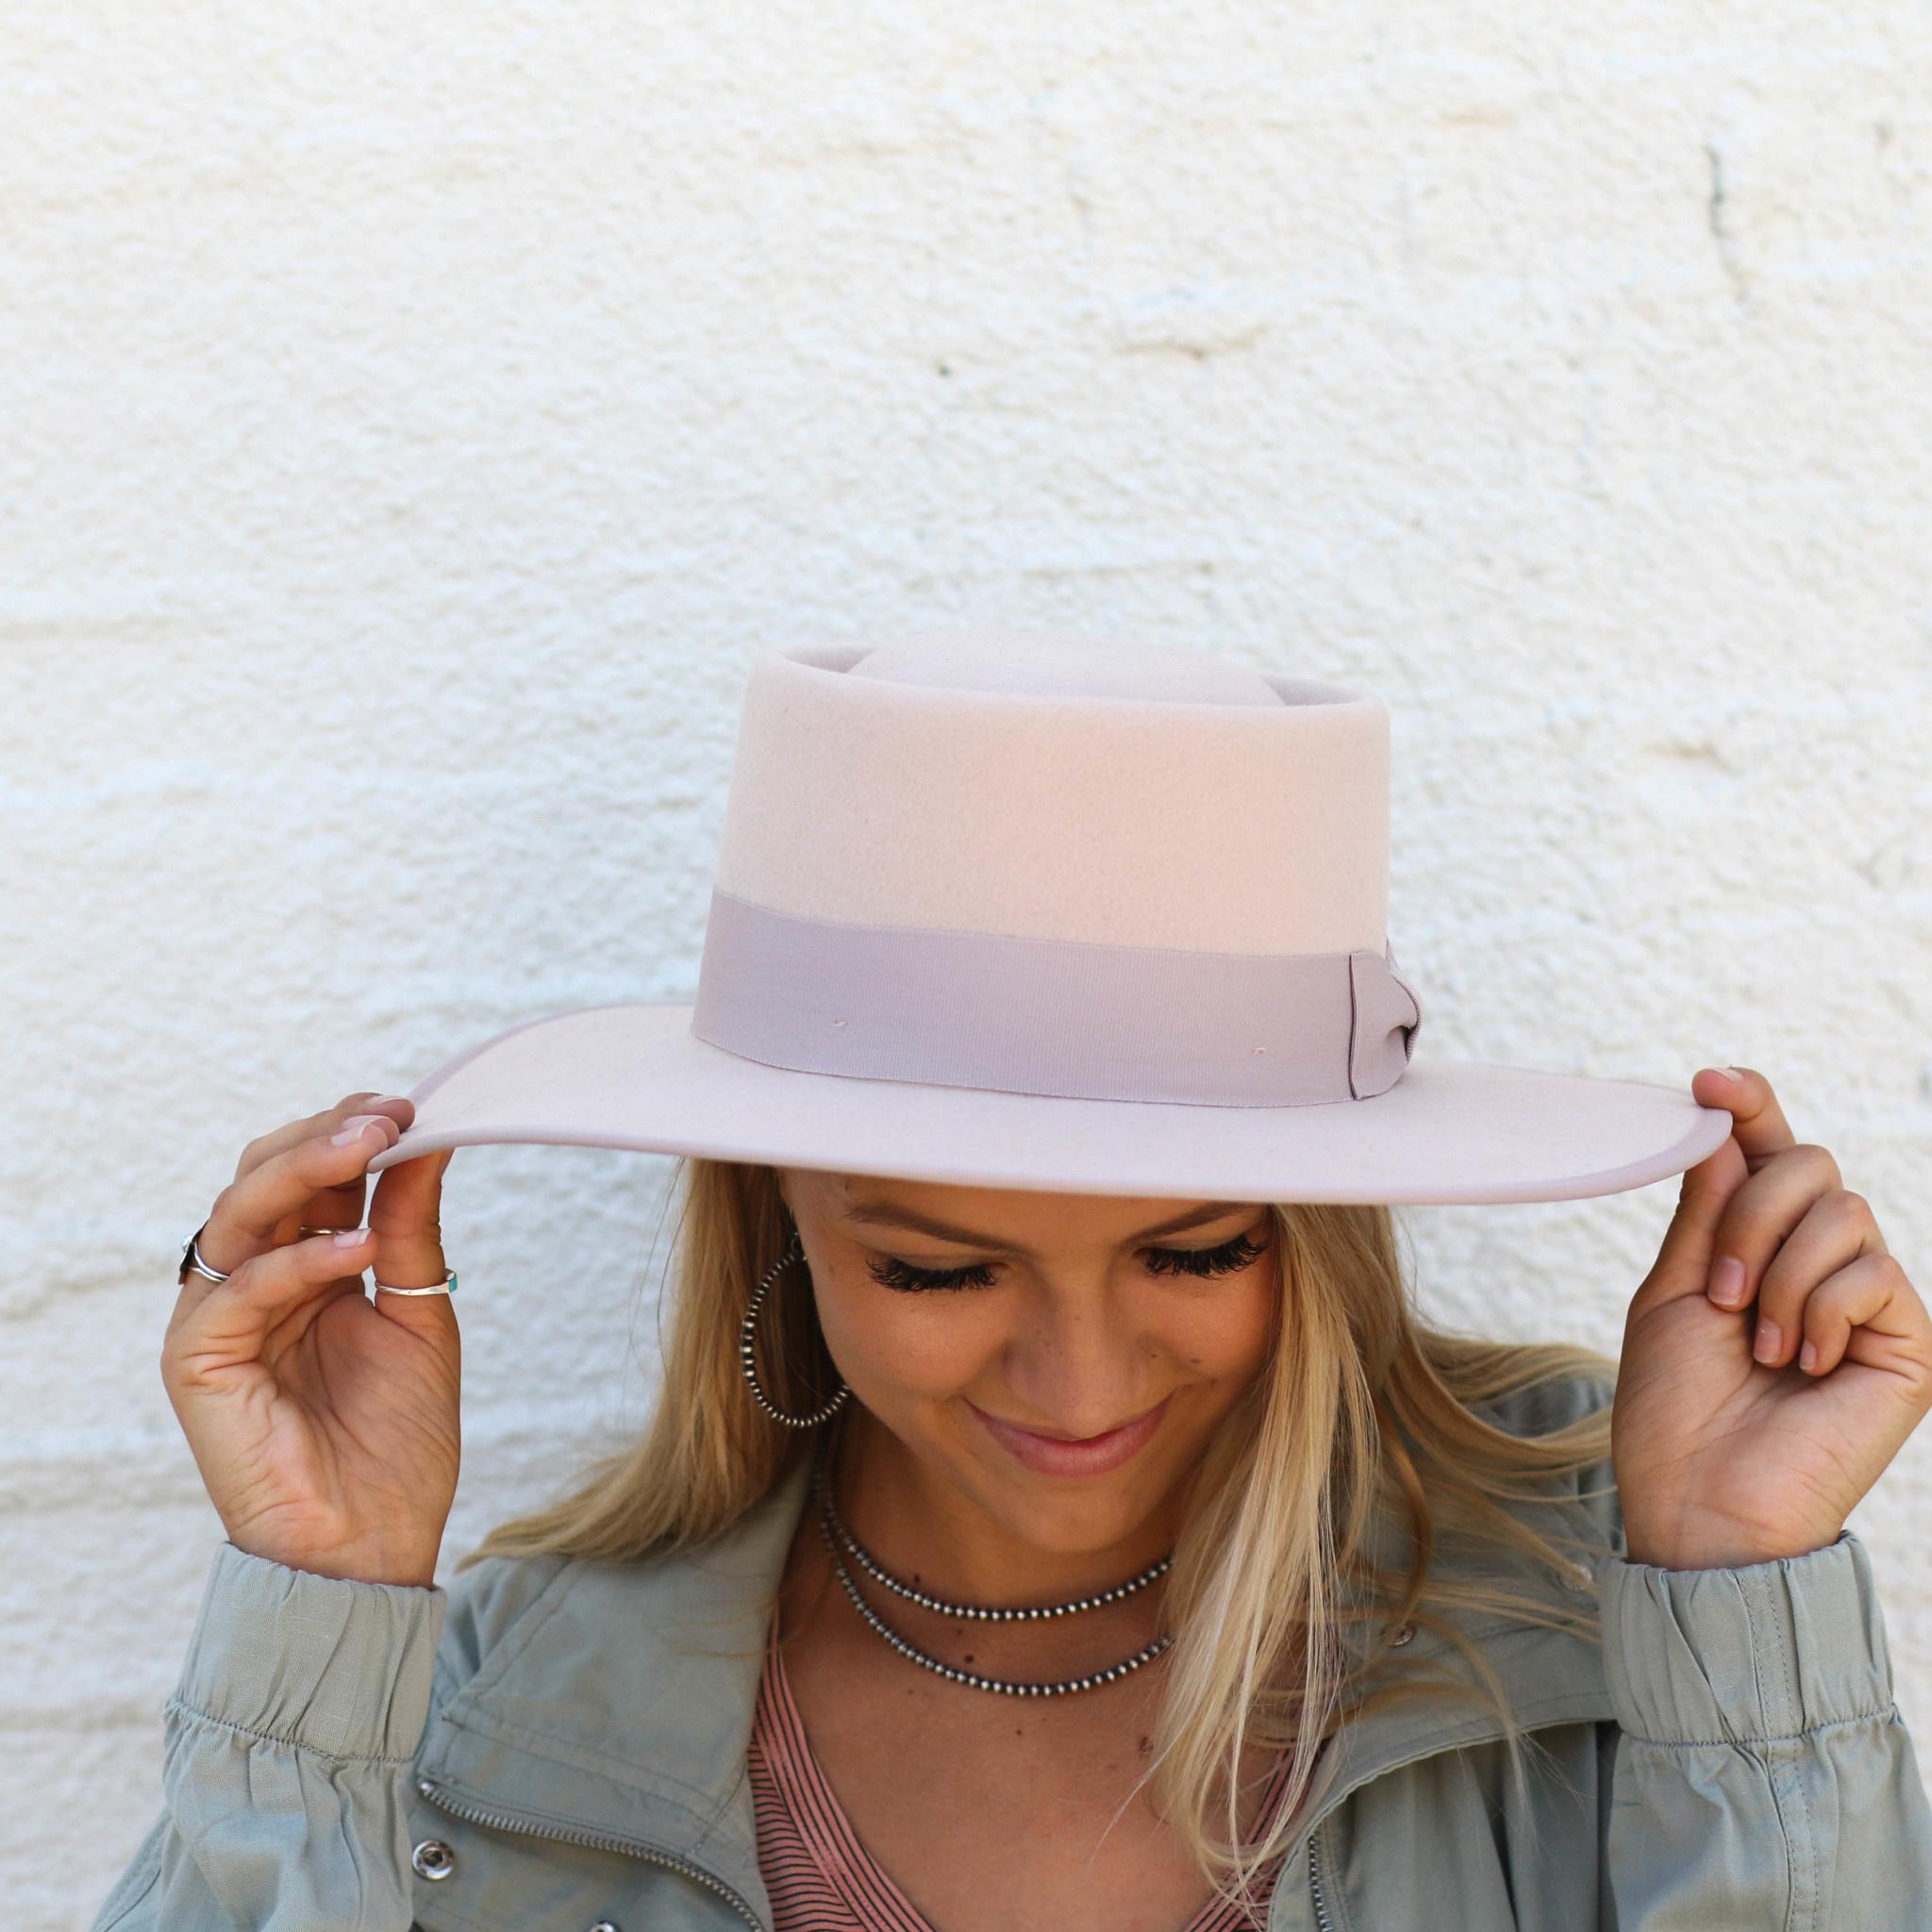 Punchy's The Blush Gambler Wool Hat